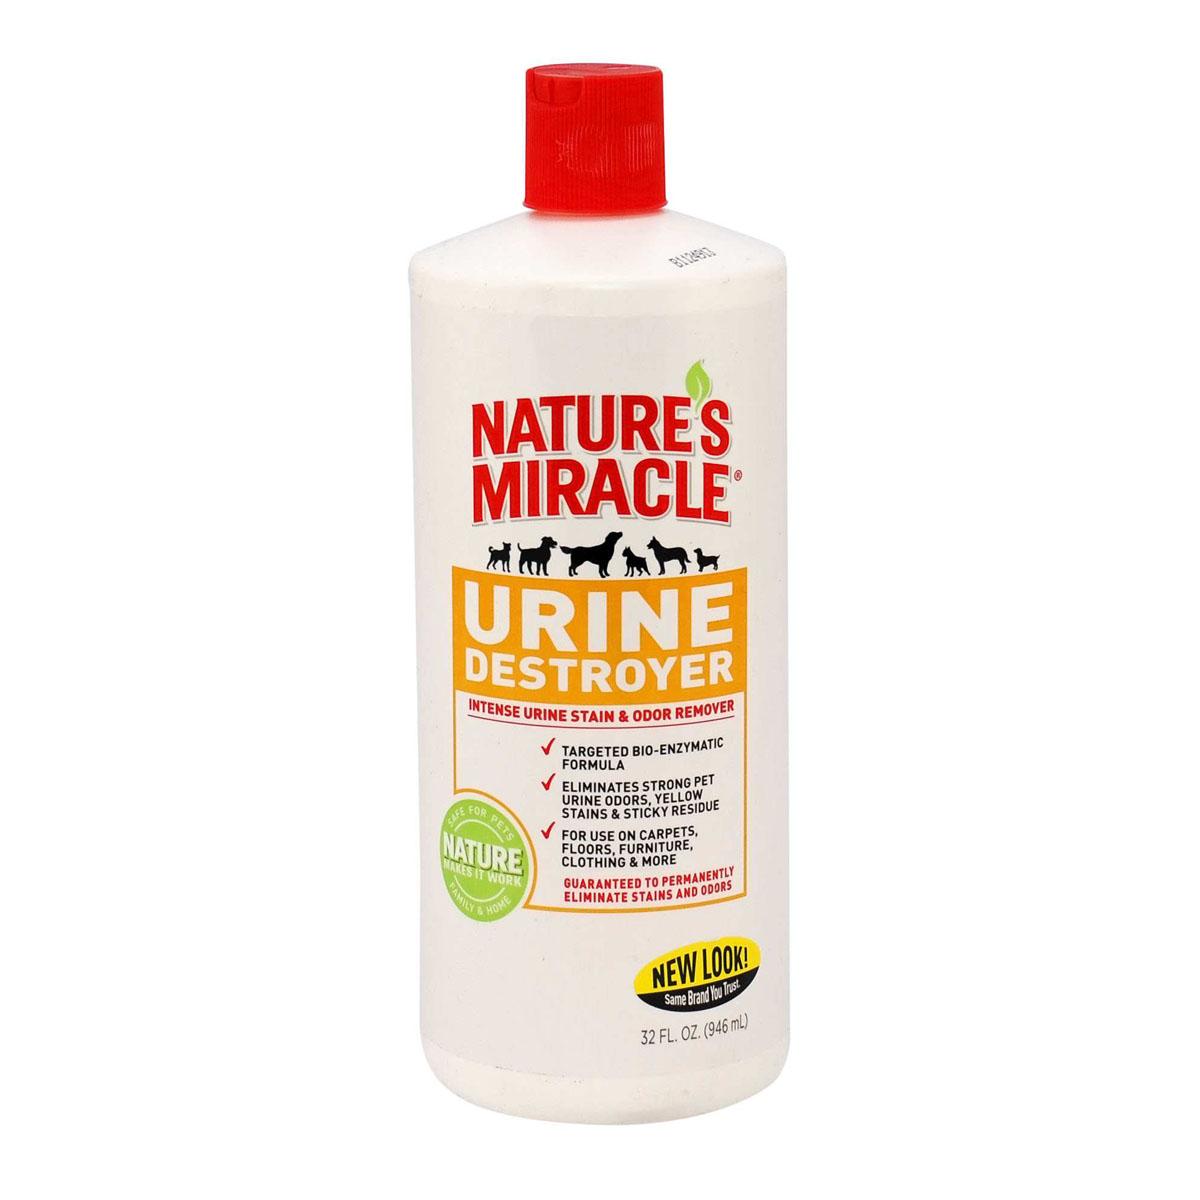 Уничтожитель запаха, пятен и осадка от мочи собак Natures Miracle, 945 мл5057273Уничтожитель пятен и запахов мочи Natures Miracle специально разработан для устранения стойких пятен и запахов от мочи вашего питомца с ковров, твердых поверхностей, тканей, переносок и т. п. Благодаря использованию передовых технологий, включая нашу био-энзимную формулу, обогащенную активным кислородом, Уничтожитель пятен и запахов мочи Nature's Miracle наиболее эффективно справляется с такого рода загрязнениями. Кроме того, средство содержит технологию контроля запахов двойного действия, удаляющую запах мочи для предупреждения повторных меток, и оставляющую после себя приятный аромат. Способ применения: Внимание! Перед использованием протестируйте поверхность на цветоустойчивость на незаметном участке. Нанесите средство, подождите 5 минут и вытрите поверхность тканью. Если область изменила цвет, не применяйте это средство. Выведение пятен и удаление запахов: 1) Вытрите пятно, насколько это возможно, затем полностью замочите его в средстве. ...